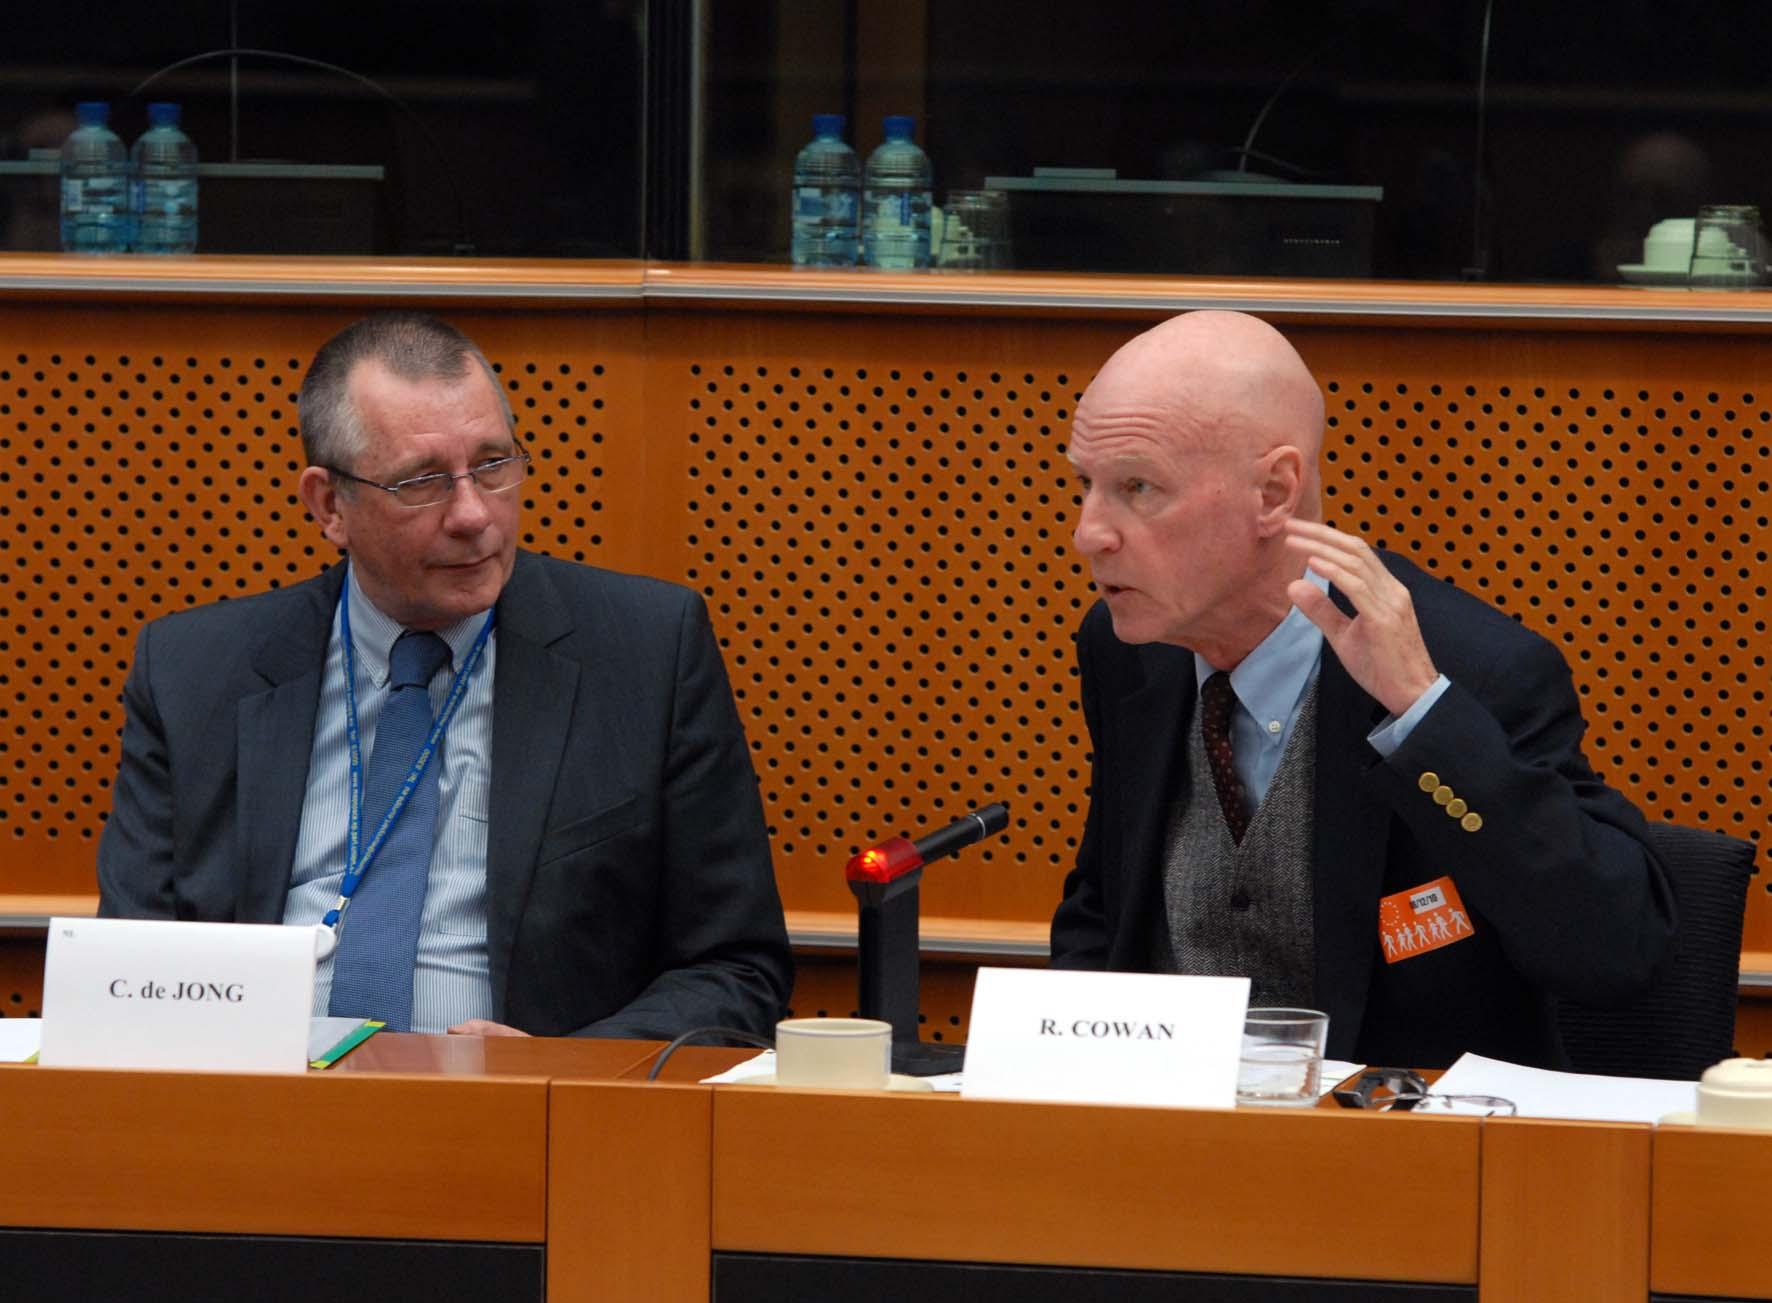 Dennis_de_Jong_Richard_Cowan_EU_Brussels_8_12_2010.jpg